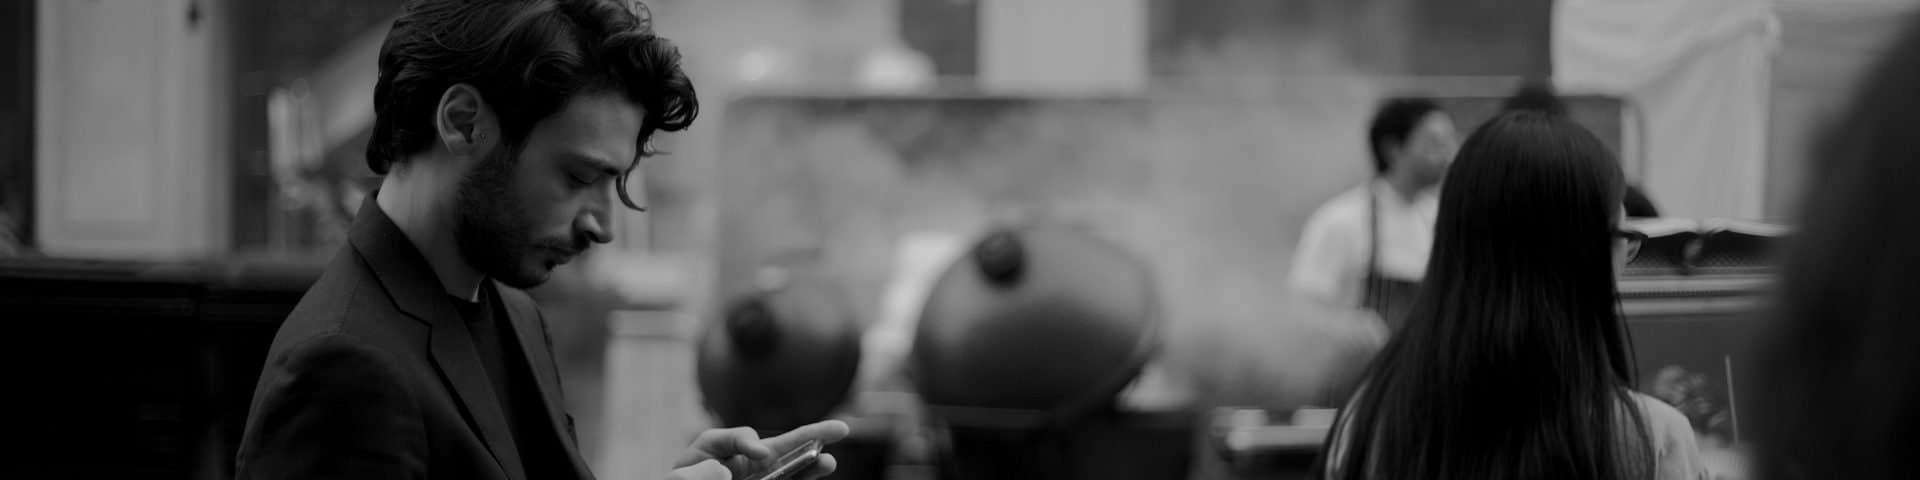 5 Textnachrichten, die Männer von Frauen nicht bekommen möchten (und 5 die sie stattdessen wollen)